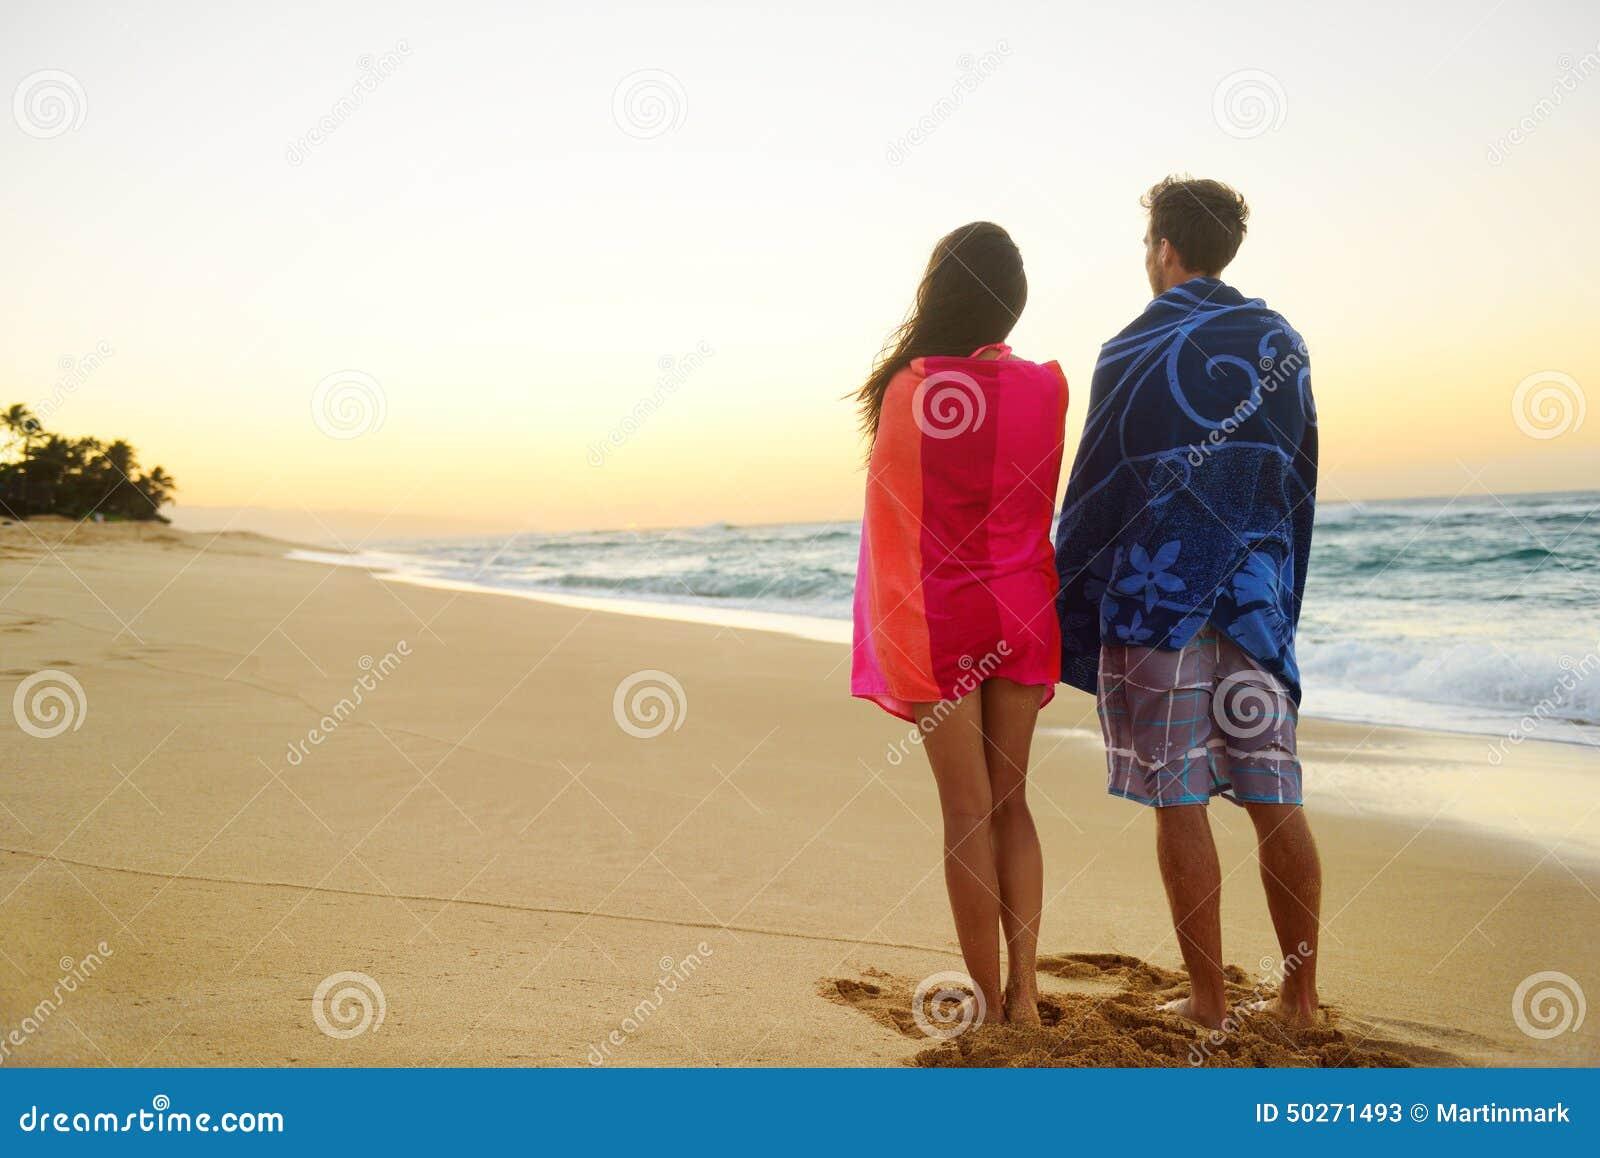 Toalhas novas dos pares sobre ombros na areia da praia